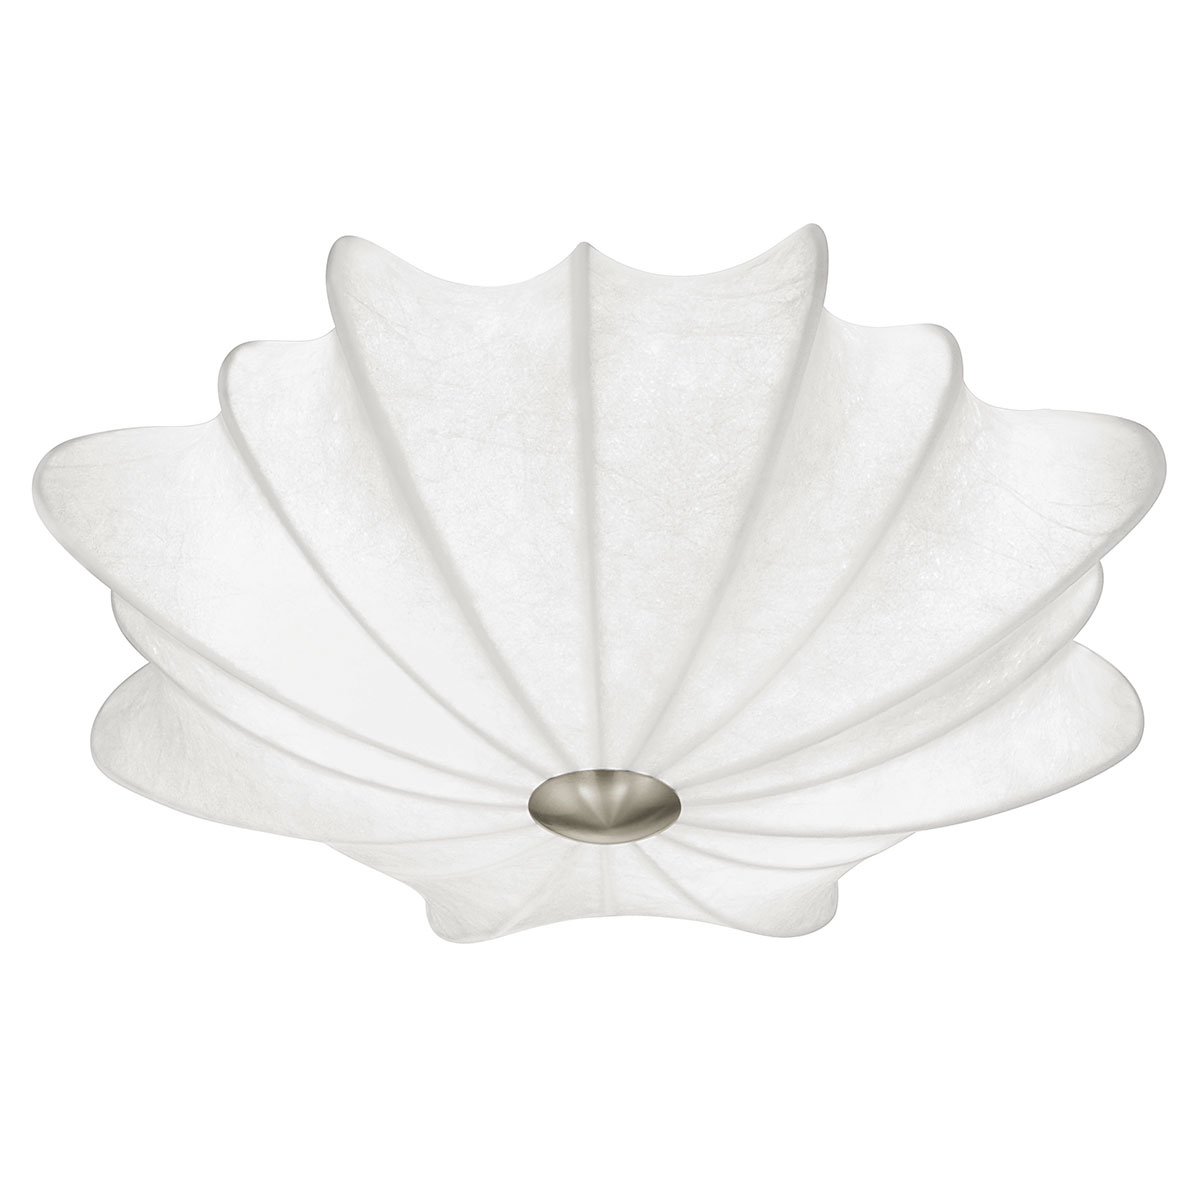 Billede af Eglo loftlampe - Cocoon - Calandra - Hvid